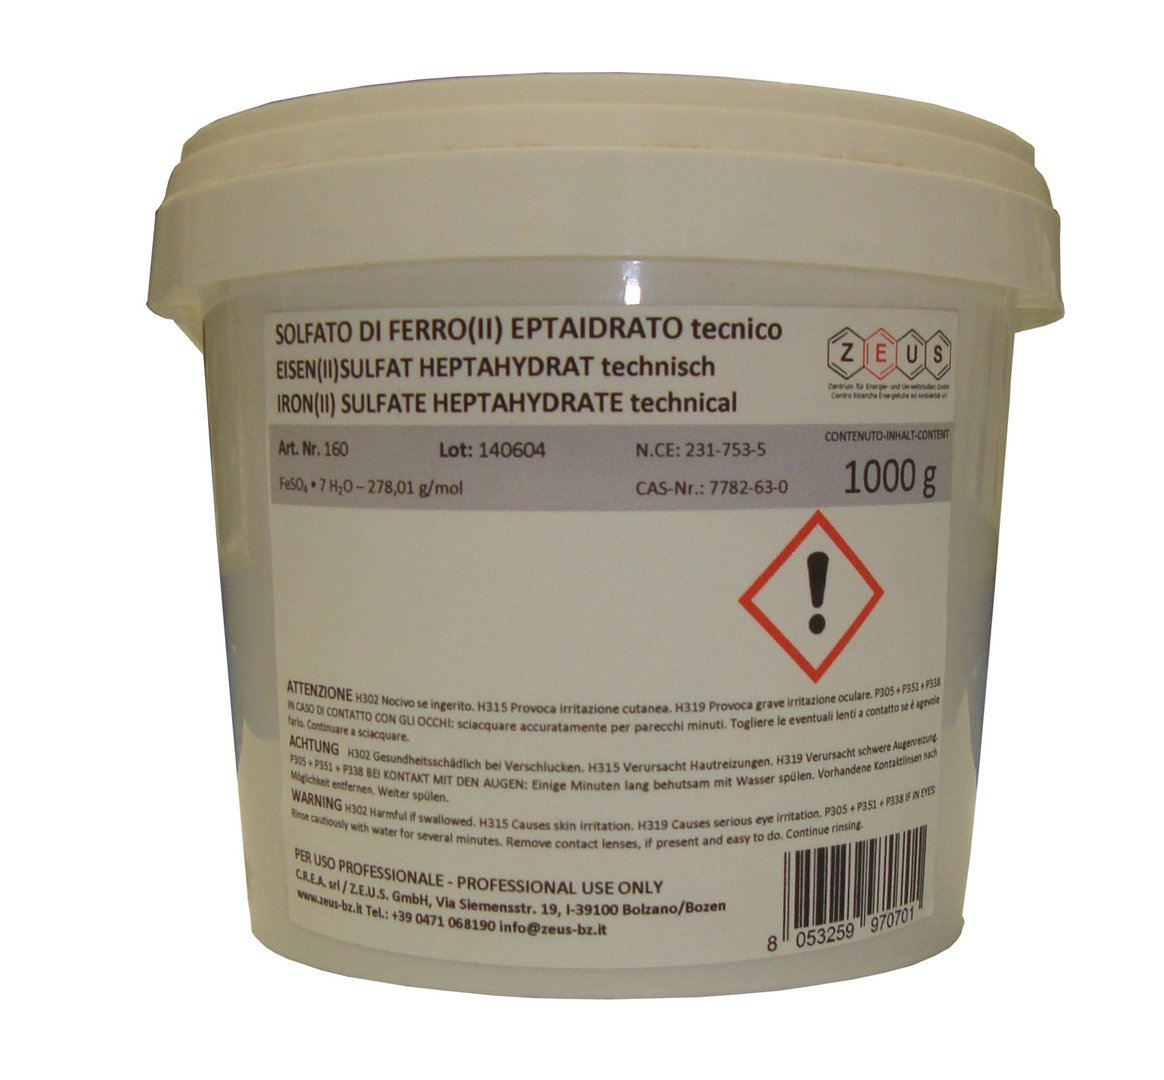 Solfato di ferro ii eptaidrato tecnico feso4 x 7 h2o for Prezzo del ferro al kg oggi